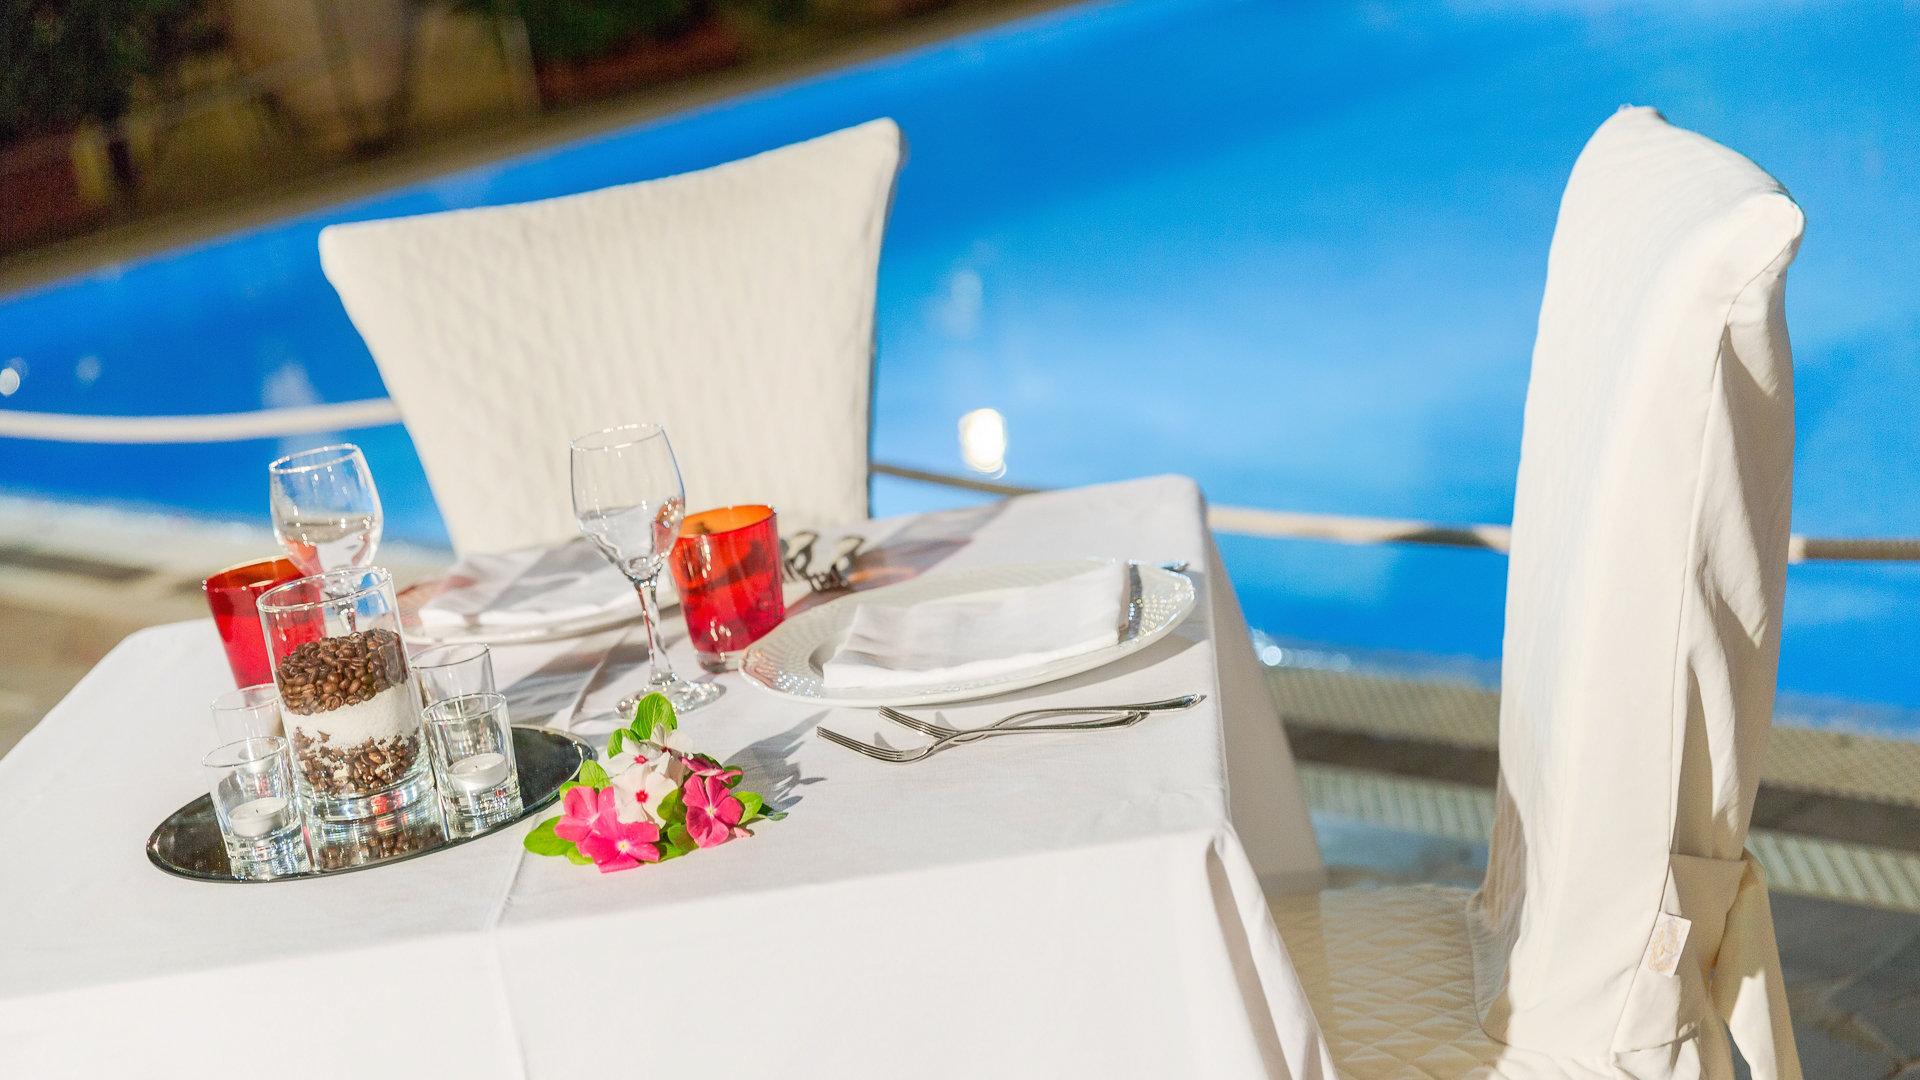 Hotel 4 stelle centro congressi a catania hotel nettuno - Hotel con piscina catania ...